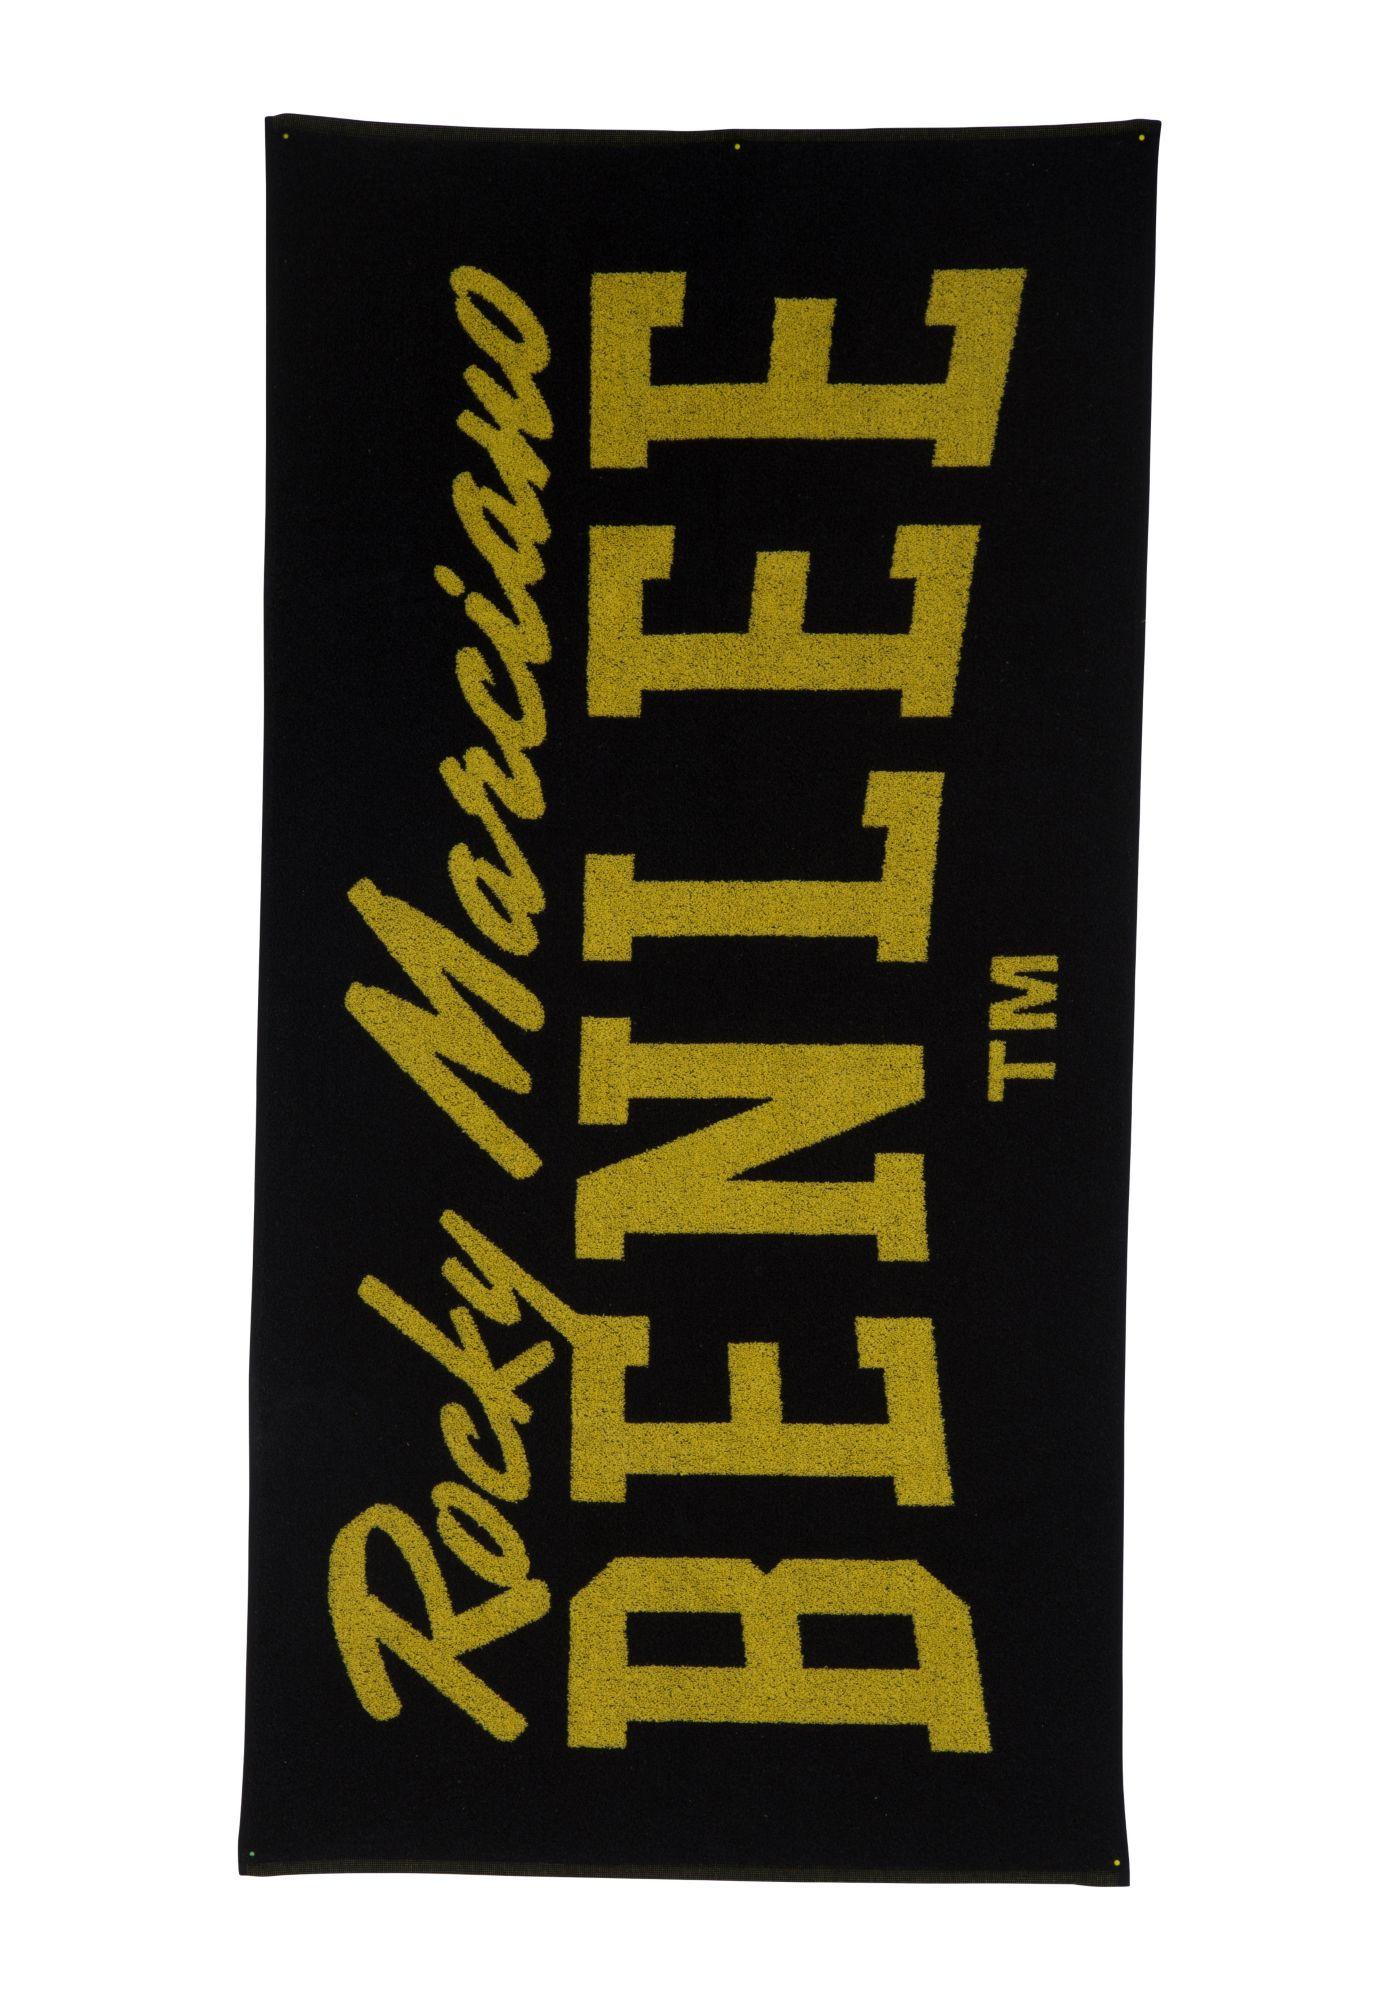 BENLEE ROCKY MARCIANO Benlee Rocky Marciano Handtuch BERRY